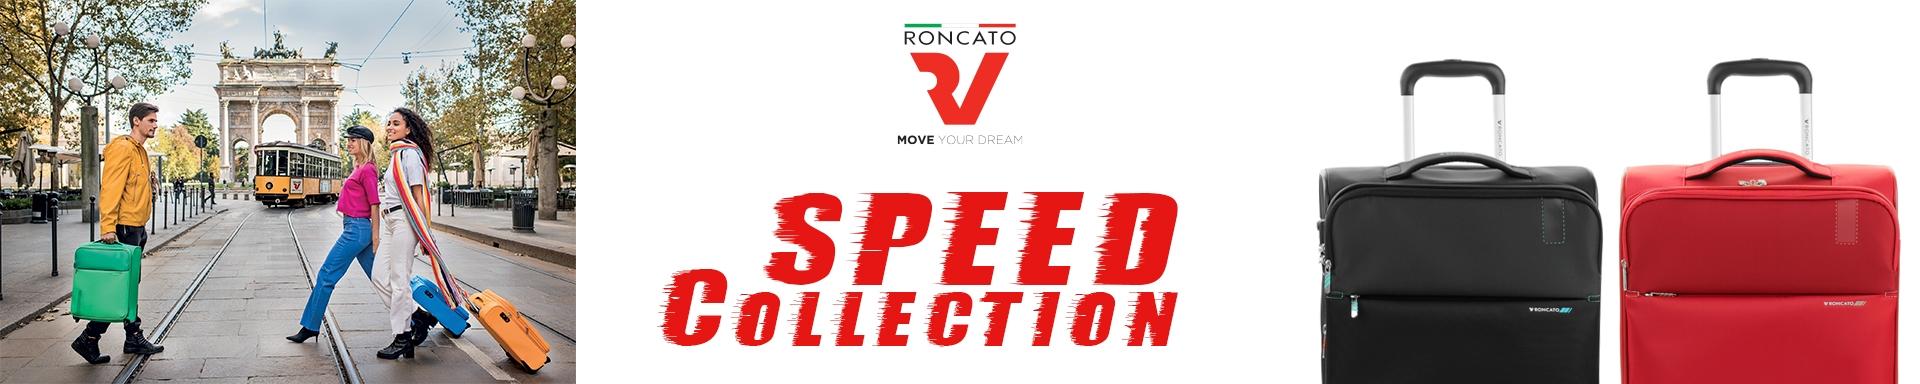 Roncato Speed